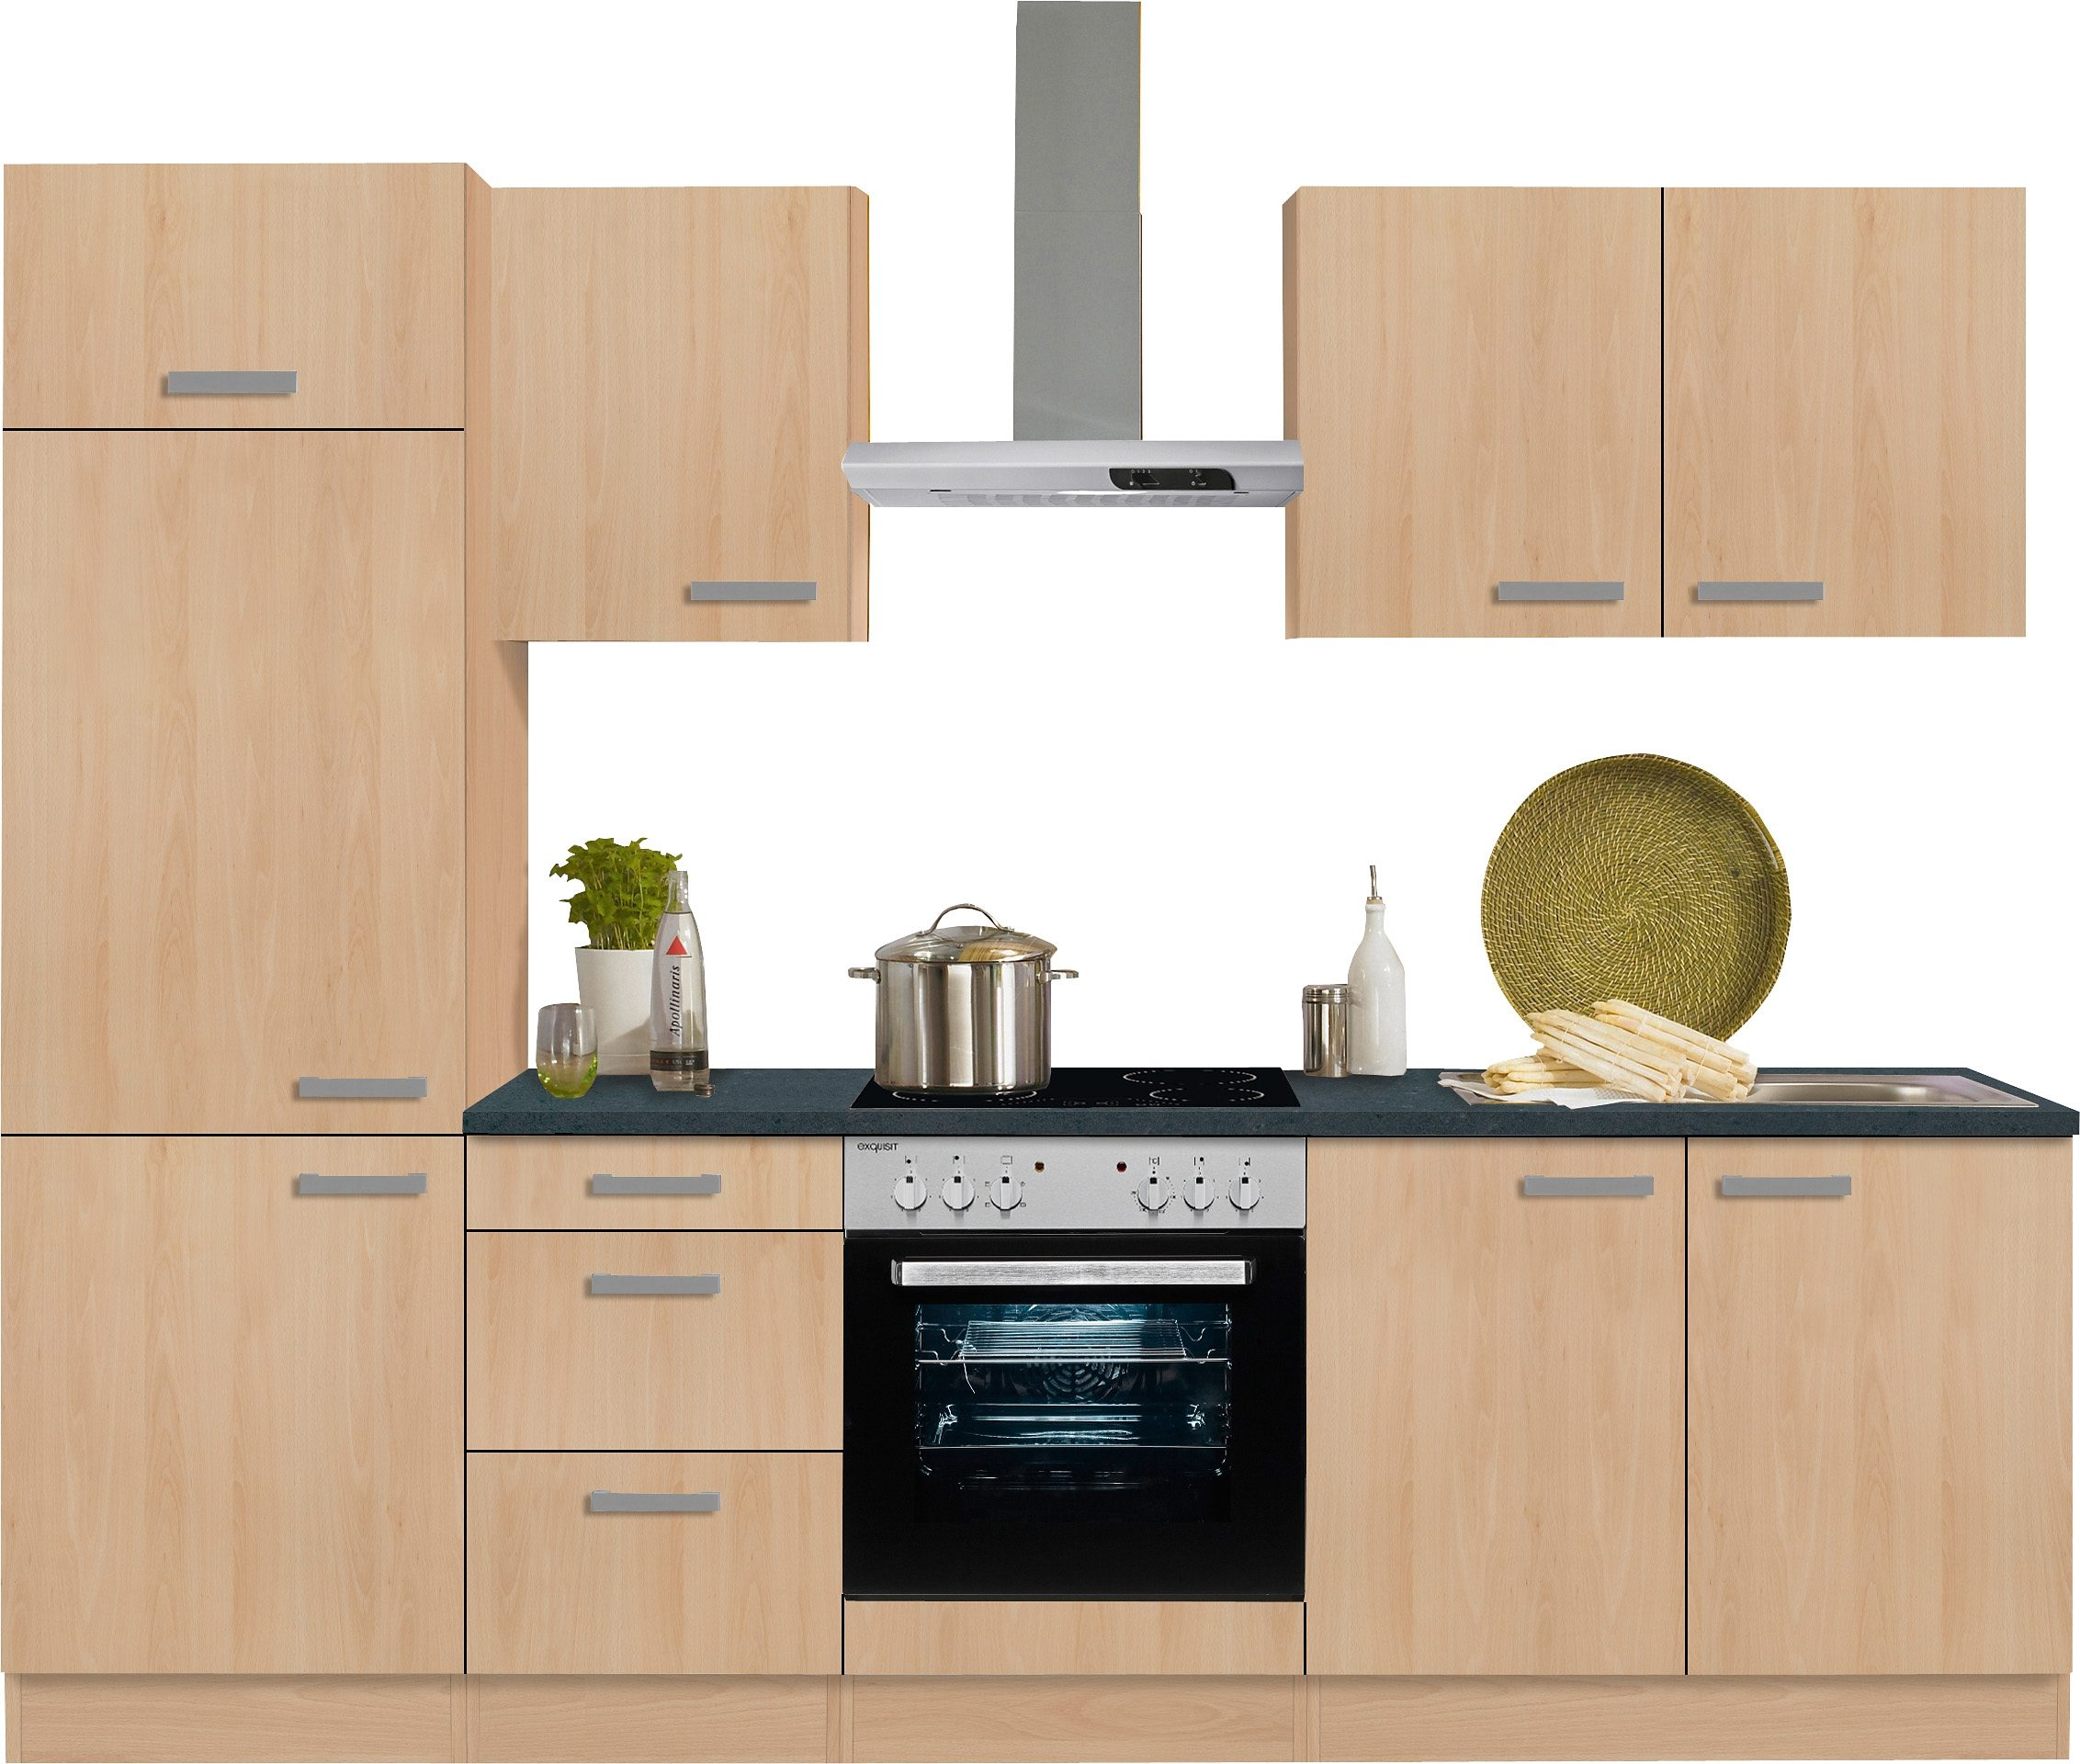 preisvergleich der preis jaeger preissuchmaschine preise vergleichen. Black Bedroom Furniture Sets. Home Design Ideas